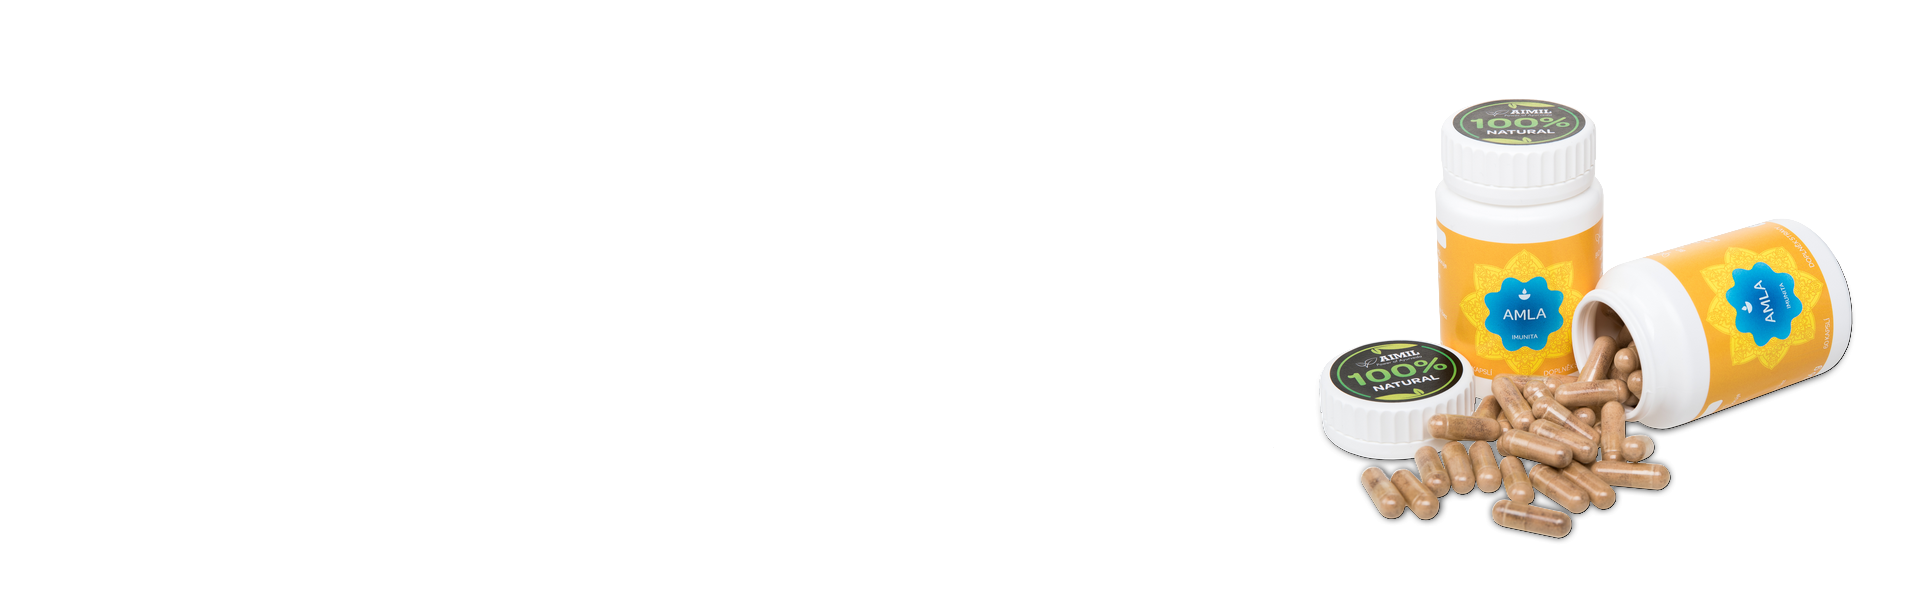 Aimil-amla